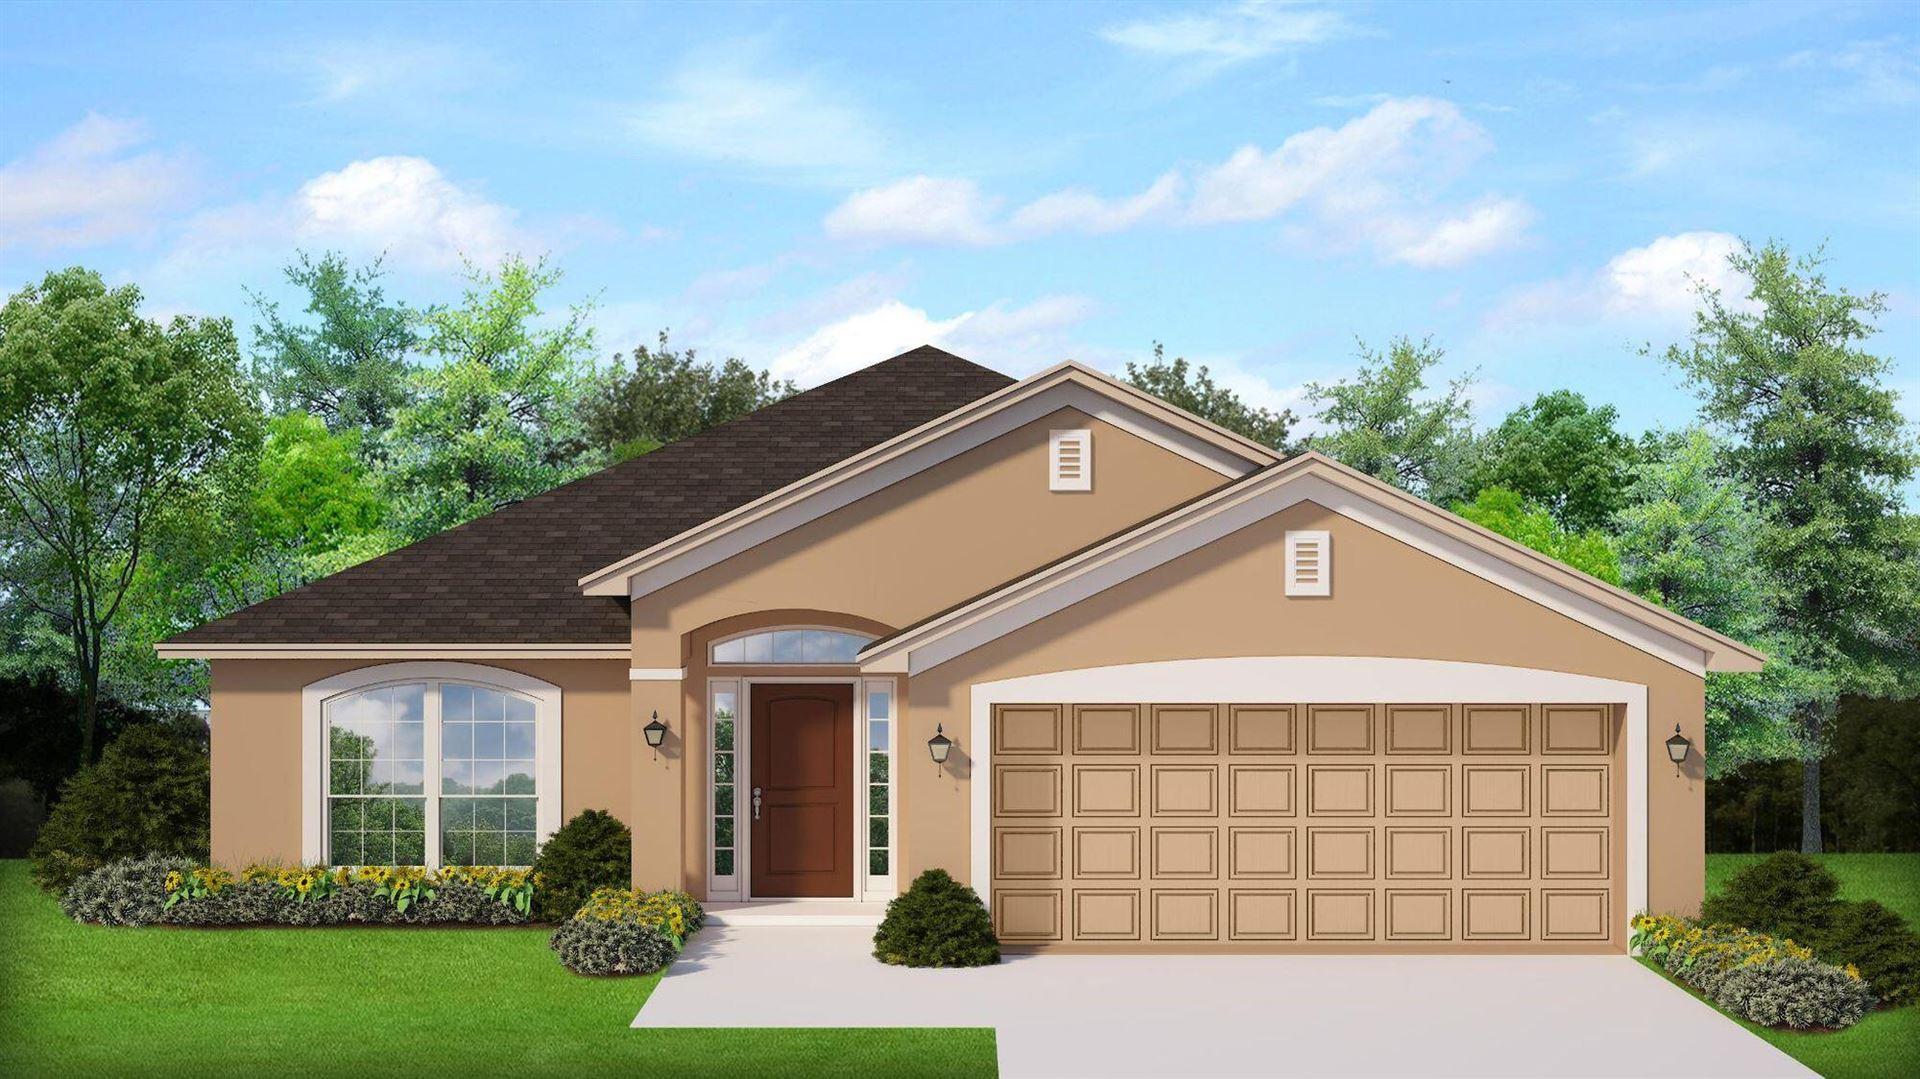 5348 Lugo Street, Fort Pierce, FL 34951 - MLS#: RX-10750903